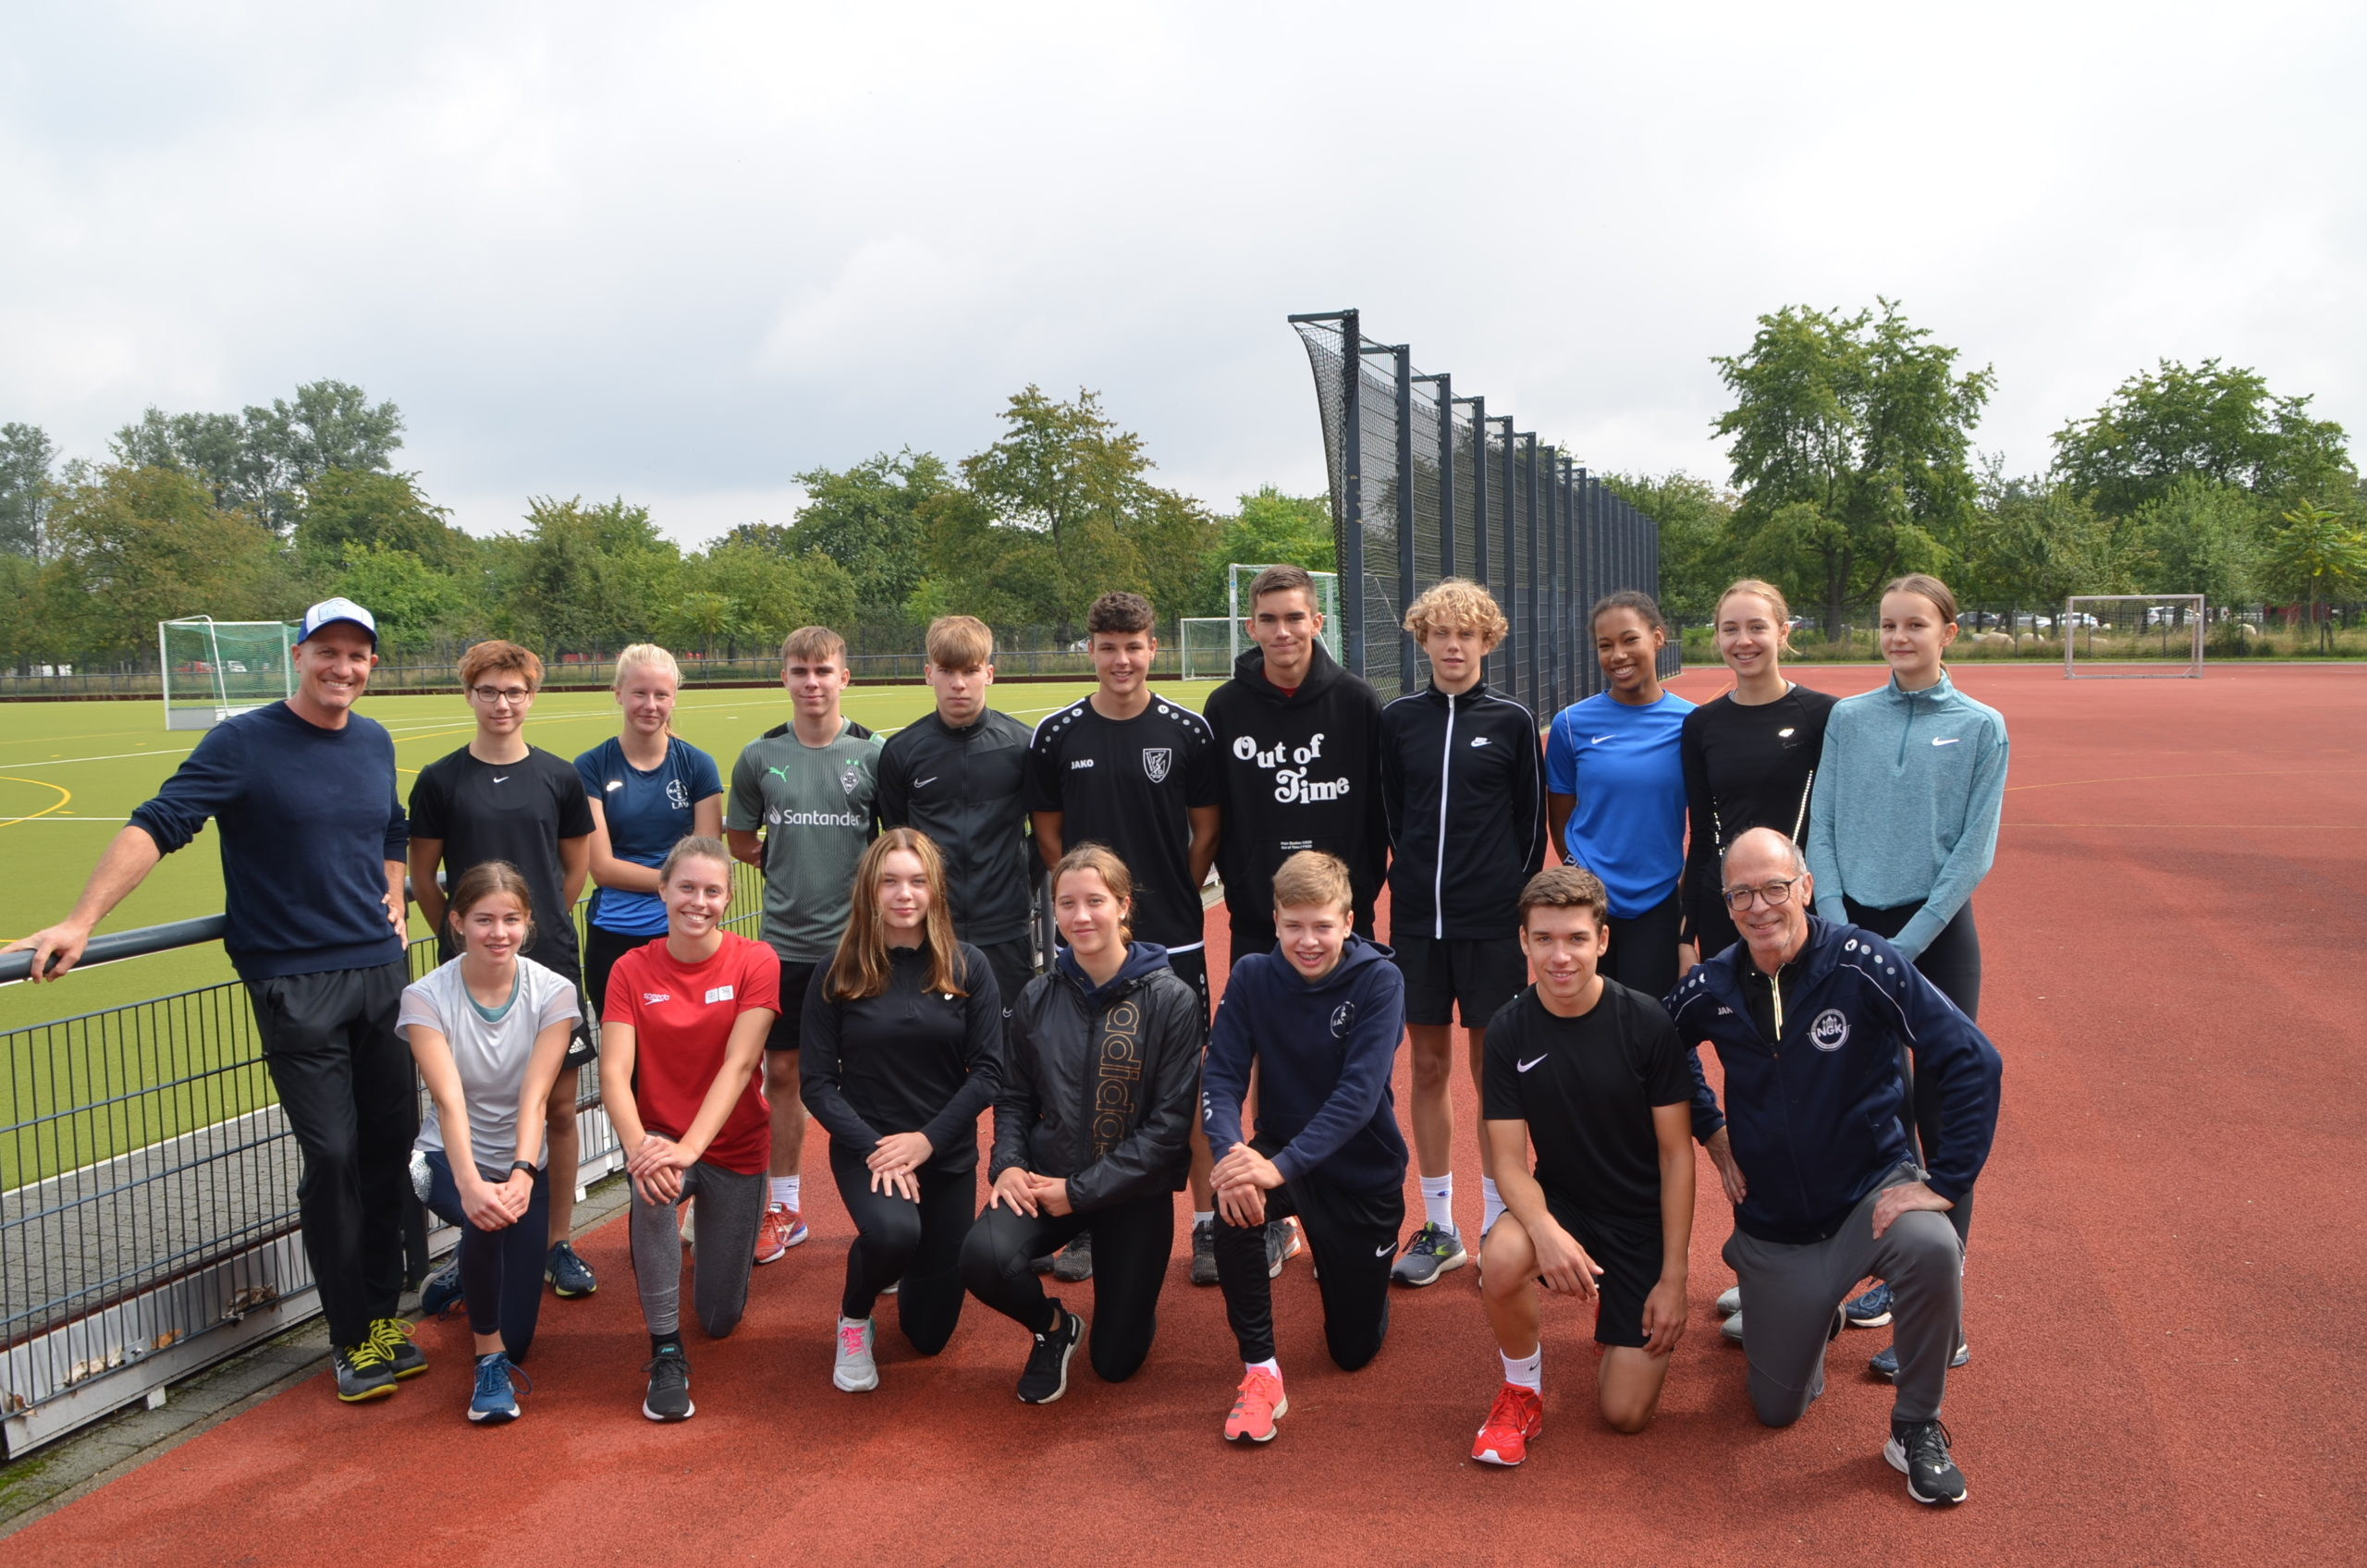 Schulsportstafette - NGK-Team Leichtathletik